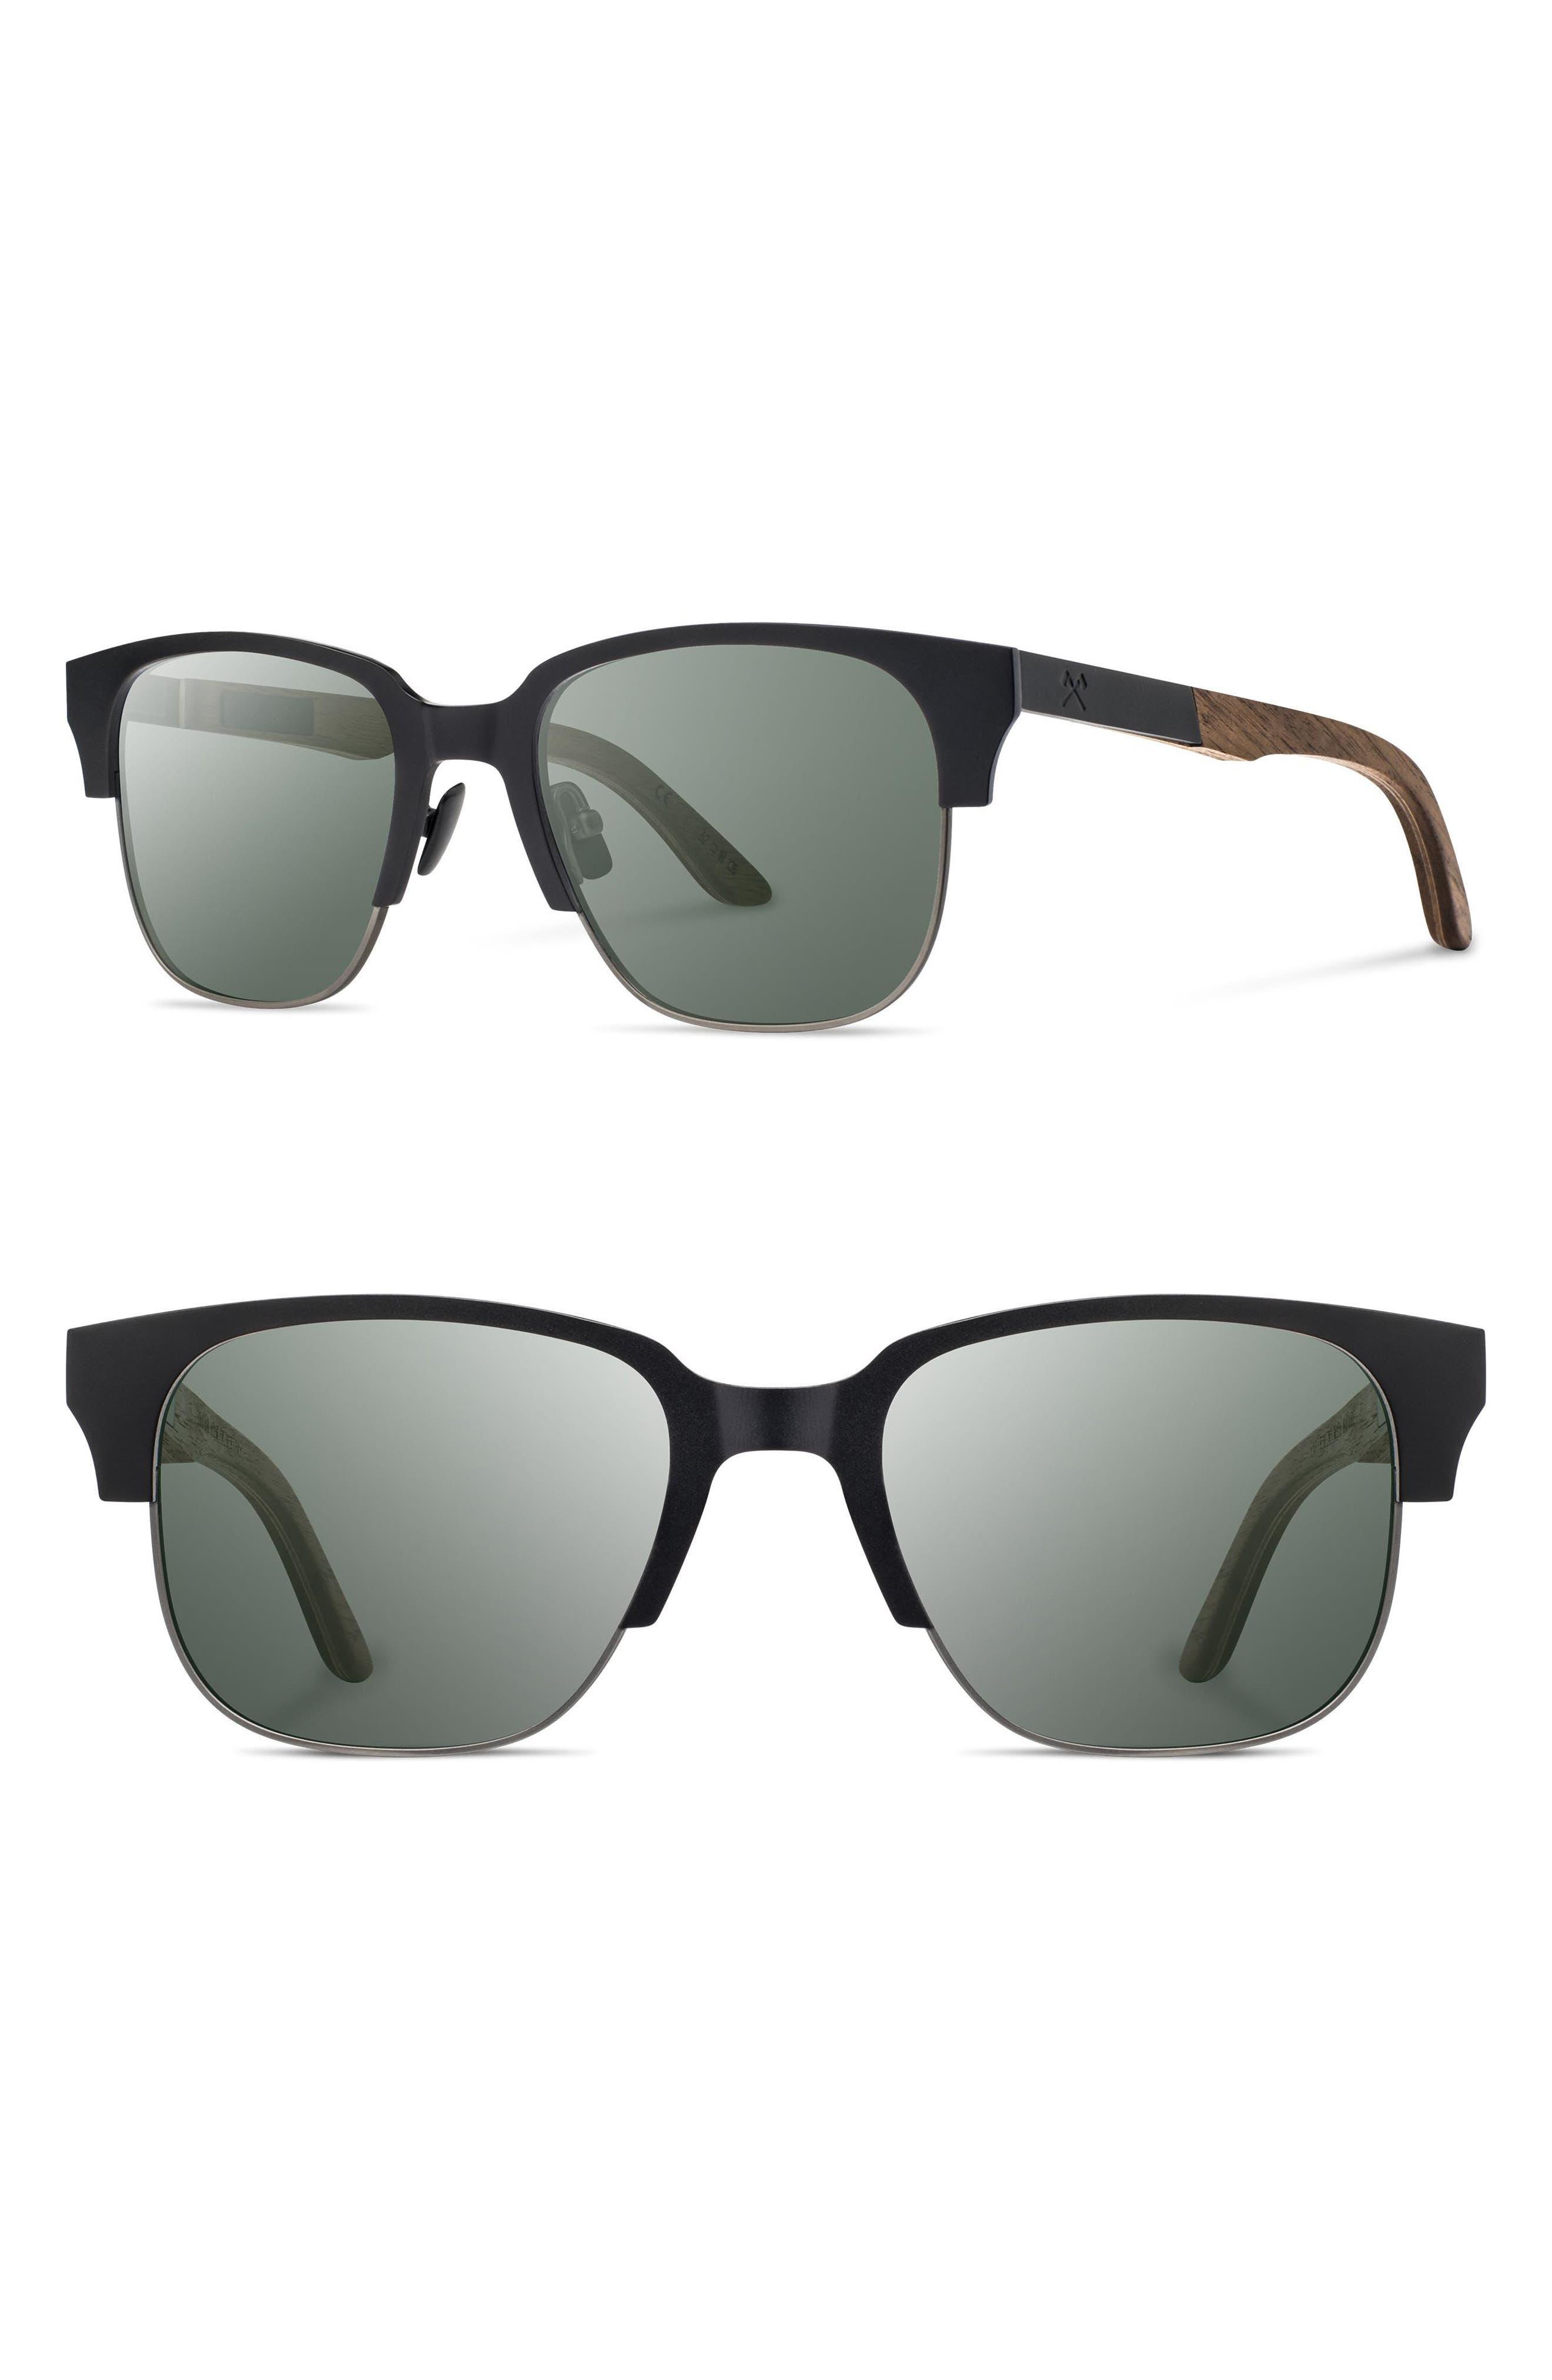 Newport Titan 52mm Sunglasses,                         Main,                         color, 001